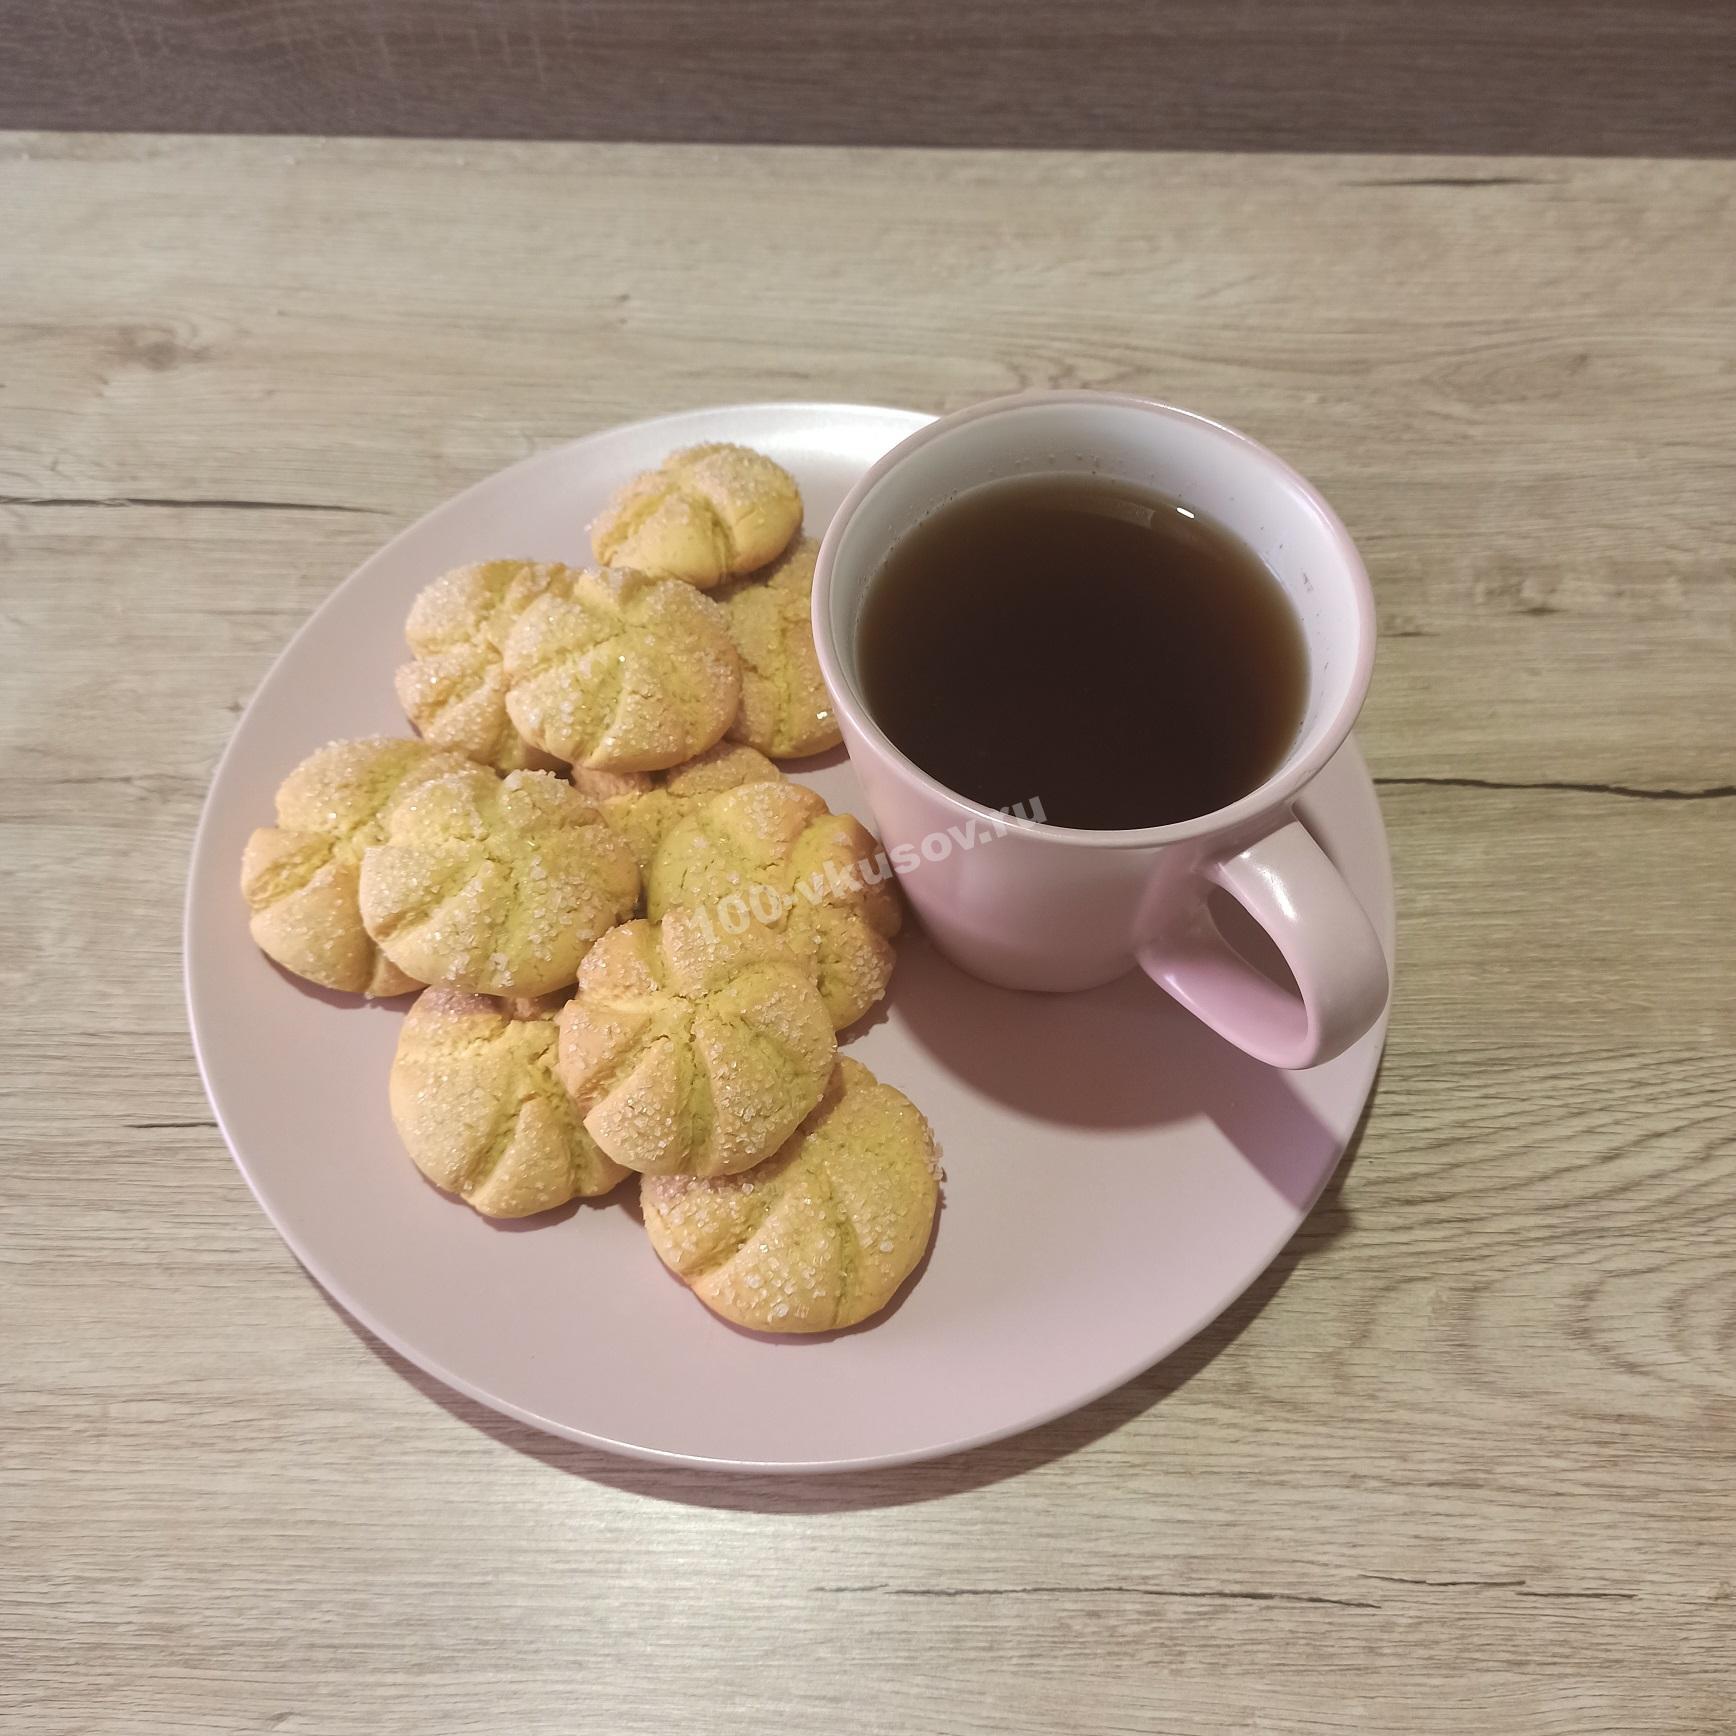 Песочное печенье и чай